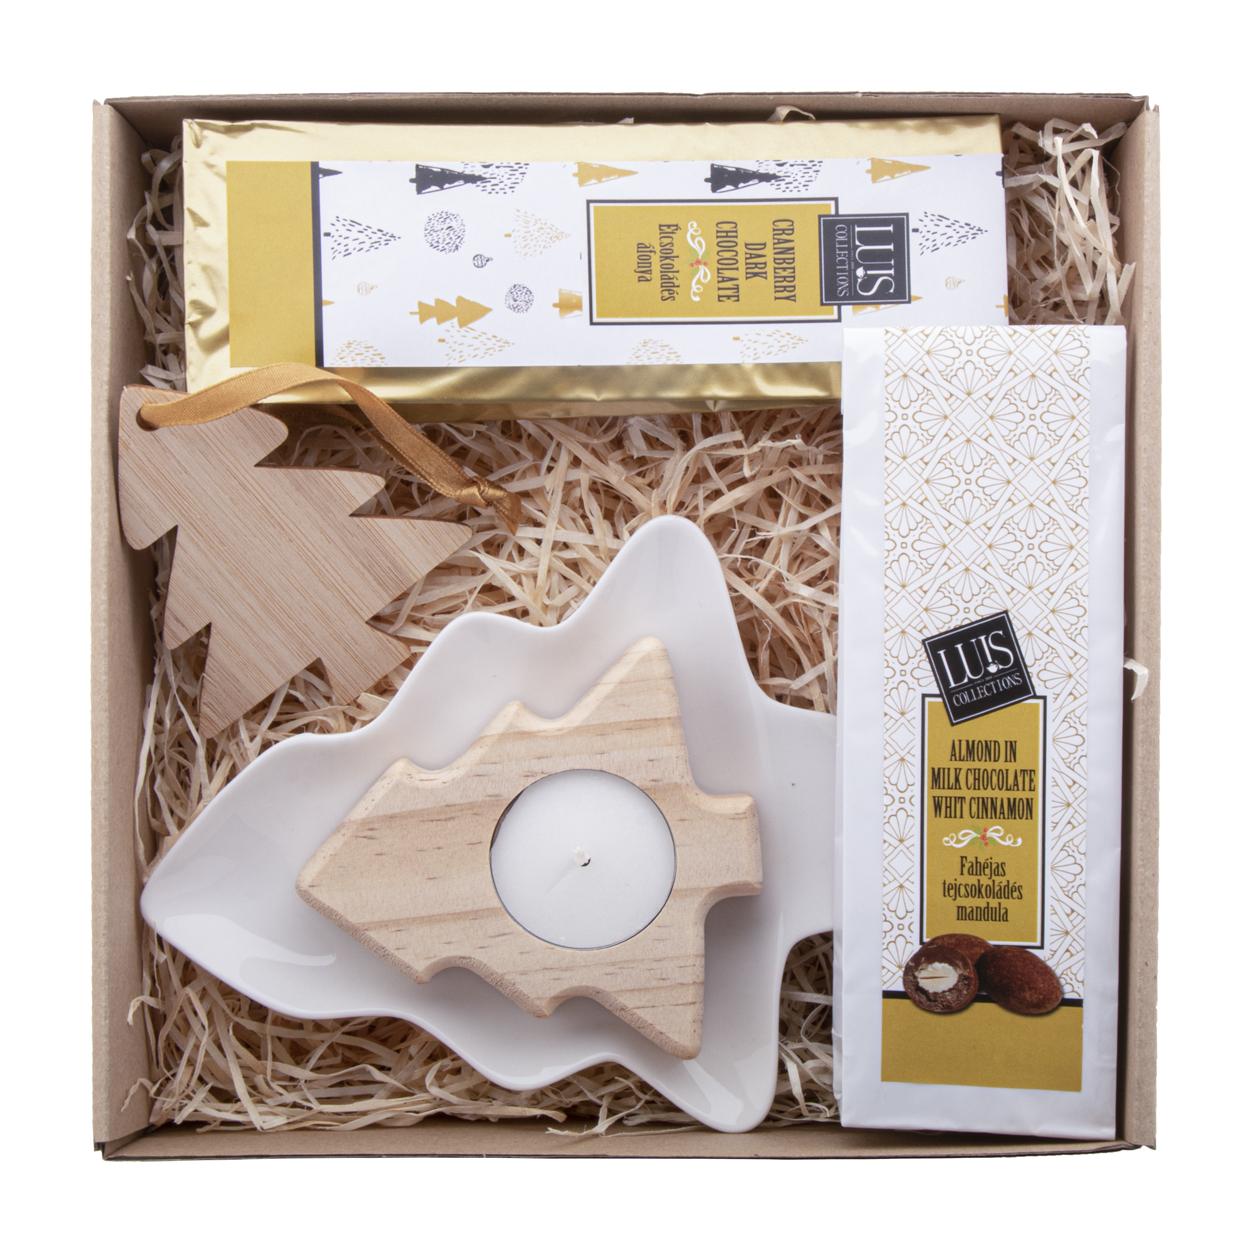 Kerti chocolate gift set